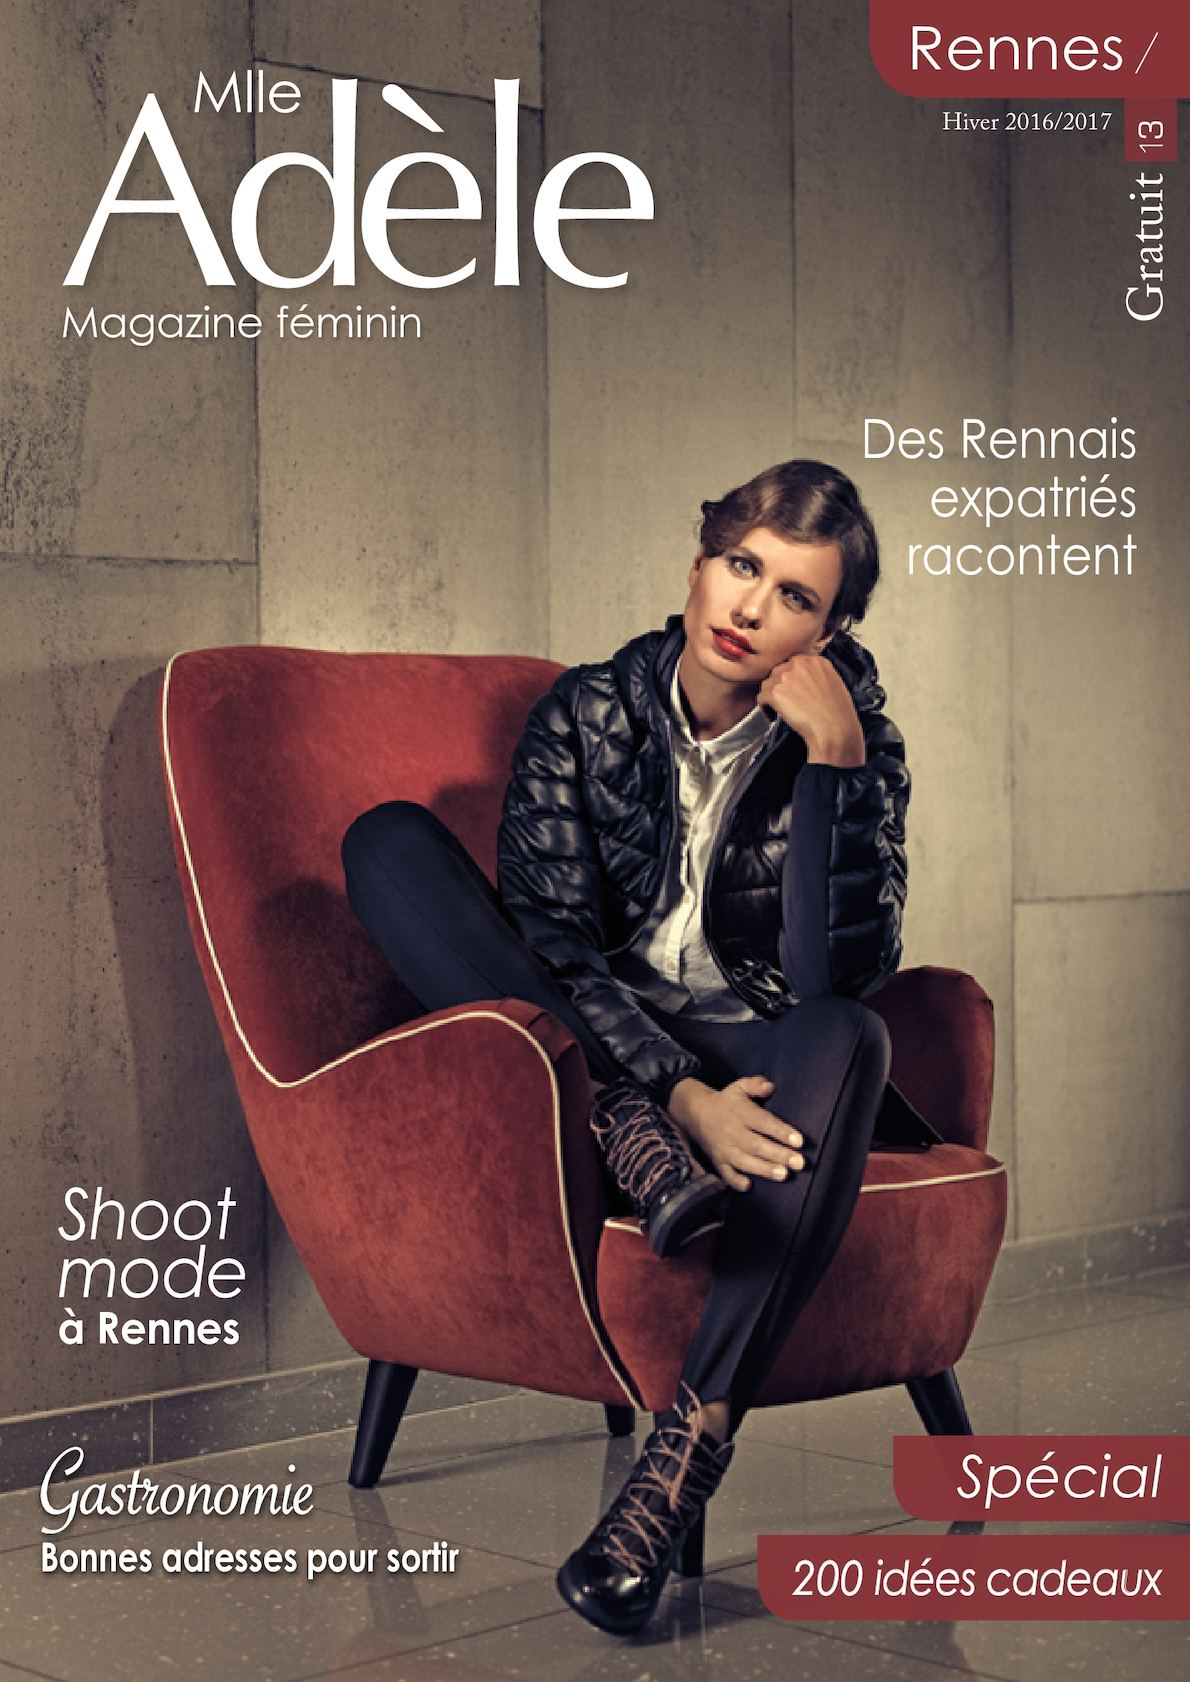 Calaméo Magazine Mlle Adèle Rennes N°13 N°13 Rennes 56d43c